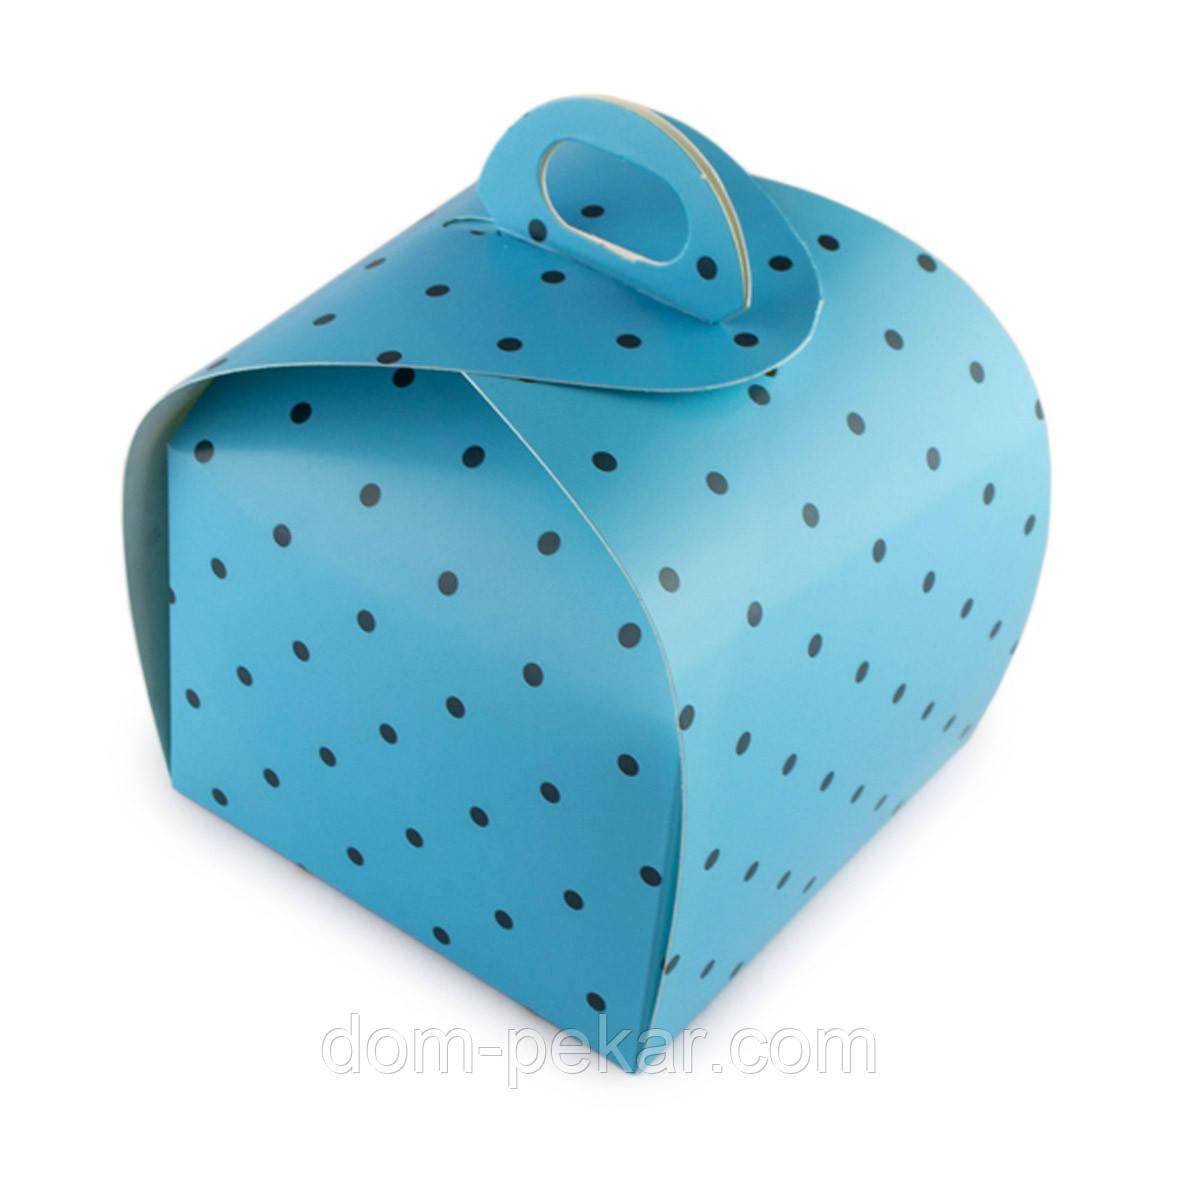 Упаковка универсальная Сундучок Голубой горошек 110*110*110мм